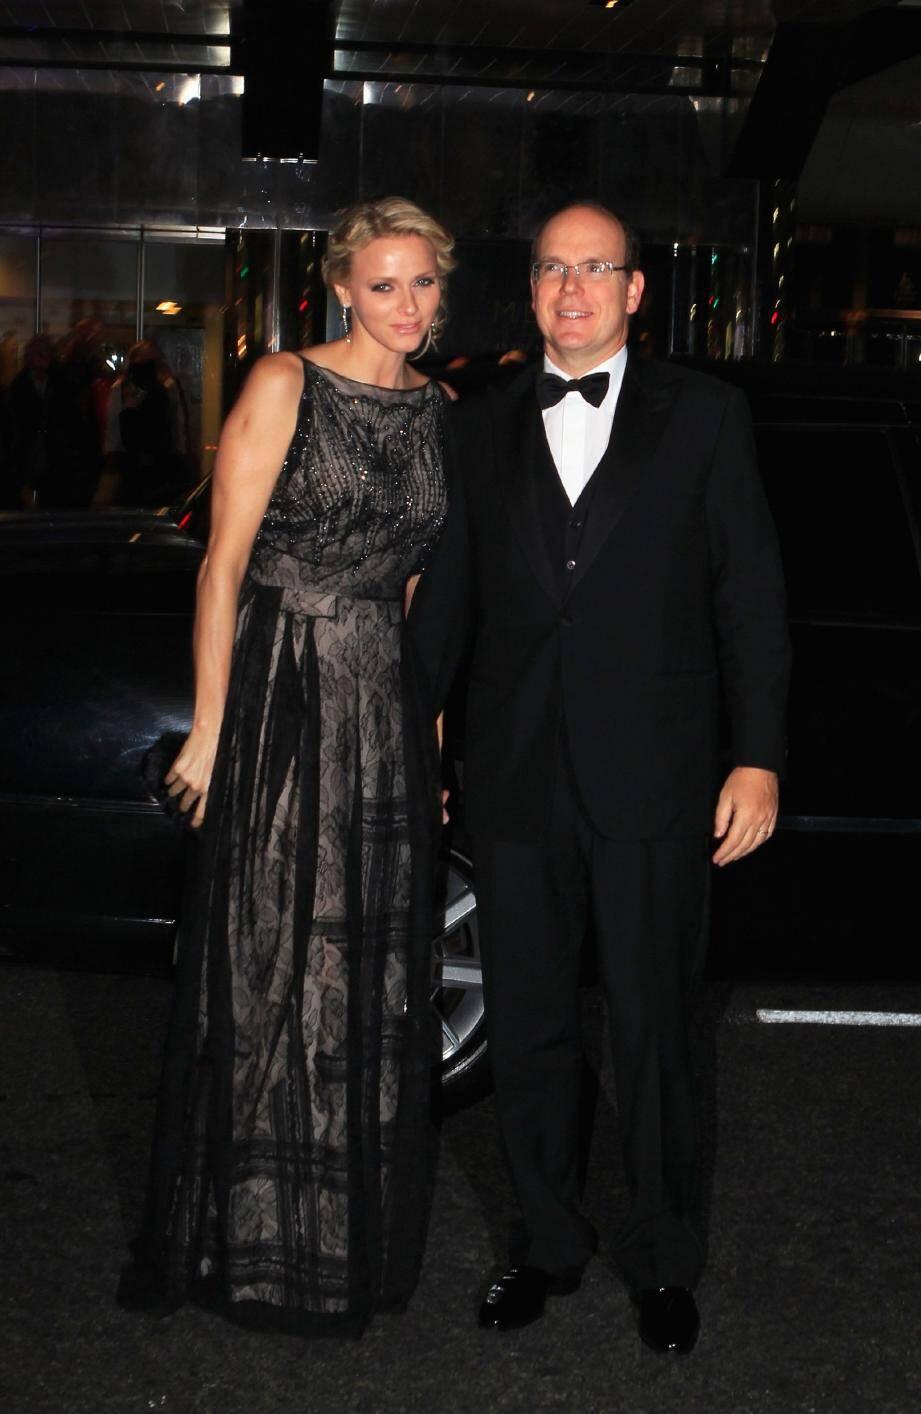 Le 1er novembre dernier, le couple princier, à New York, avait déjà participé à une soirée avec de nombreux people , pour la Fondation Princesse Grace.